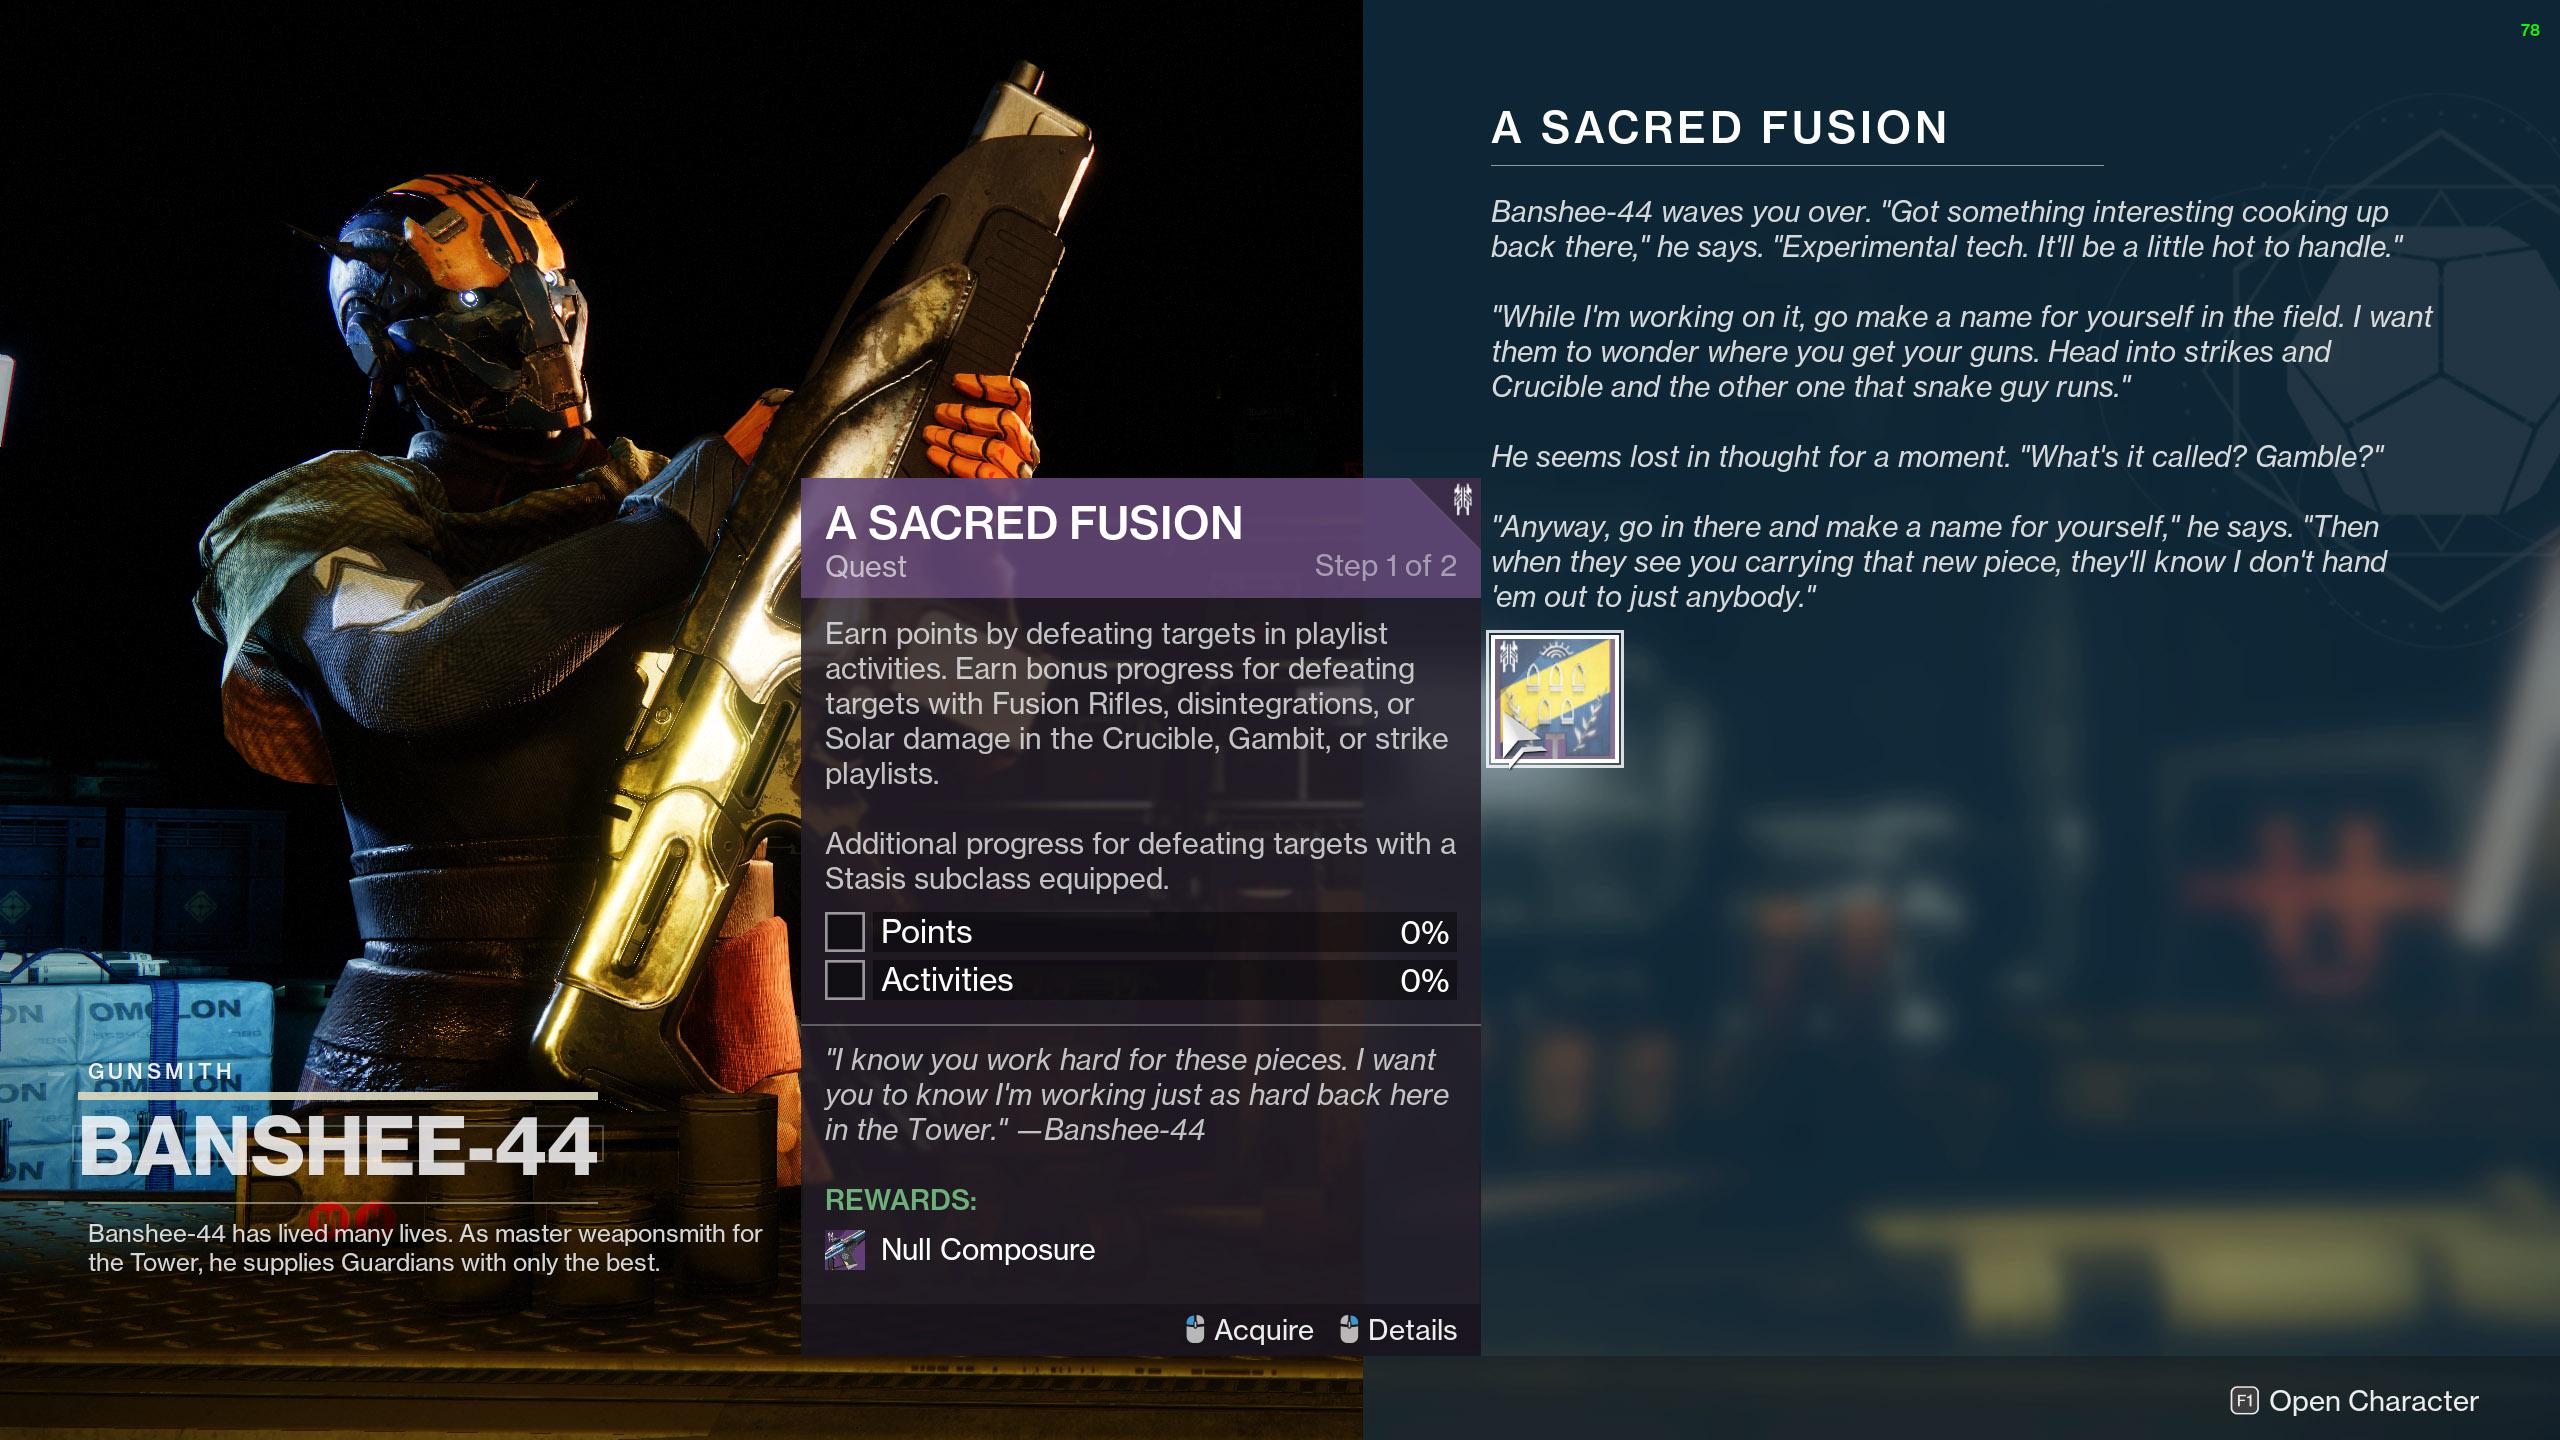 destiny 2 a sacred fusion